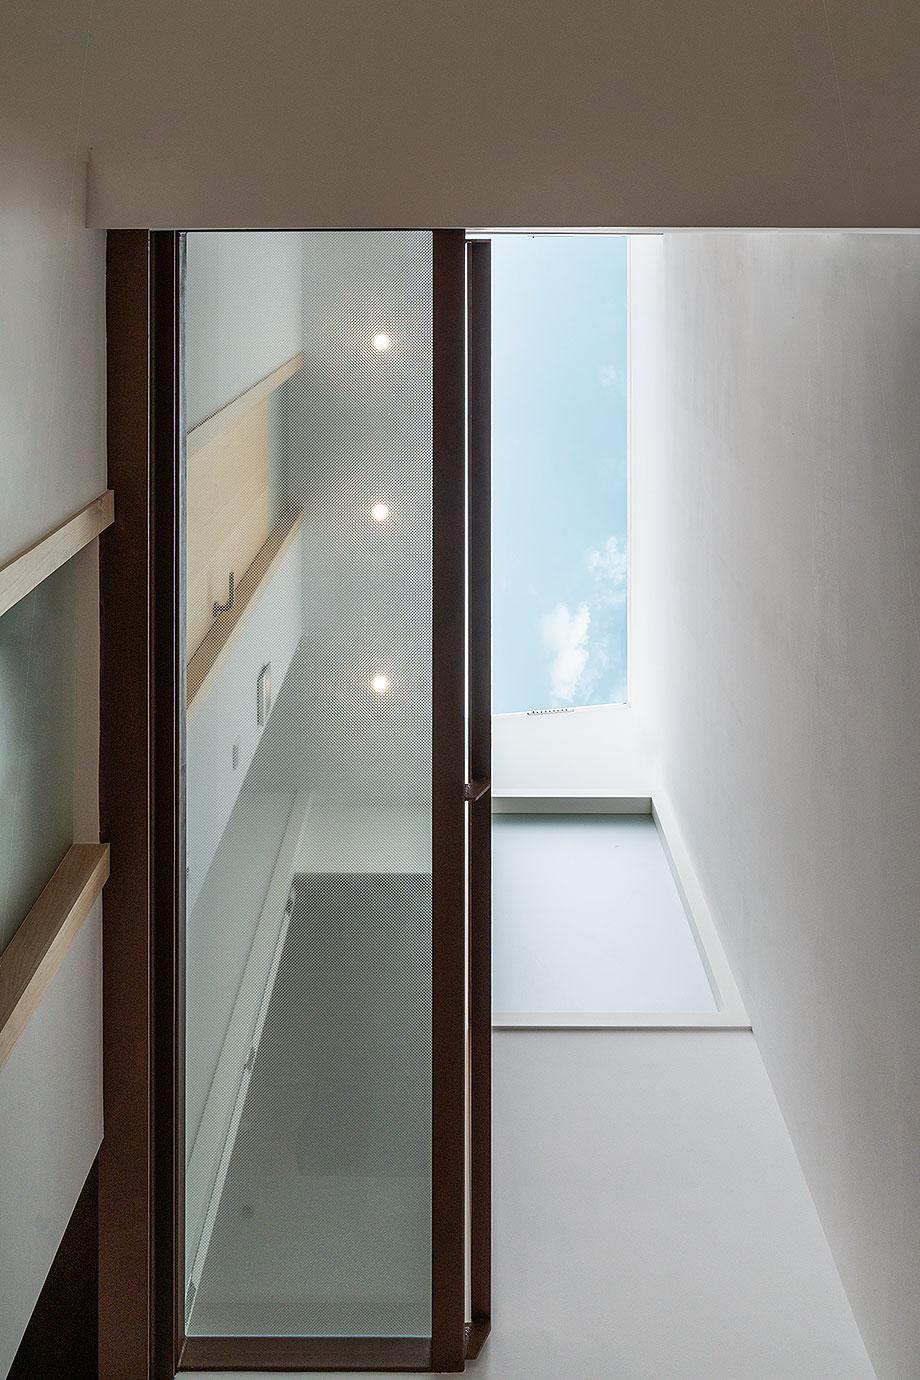 de garaje a vivienda por liniarquitectura (9) - foto laura tomas